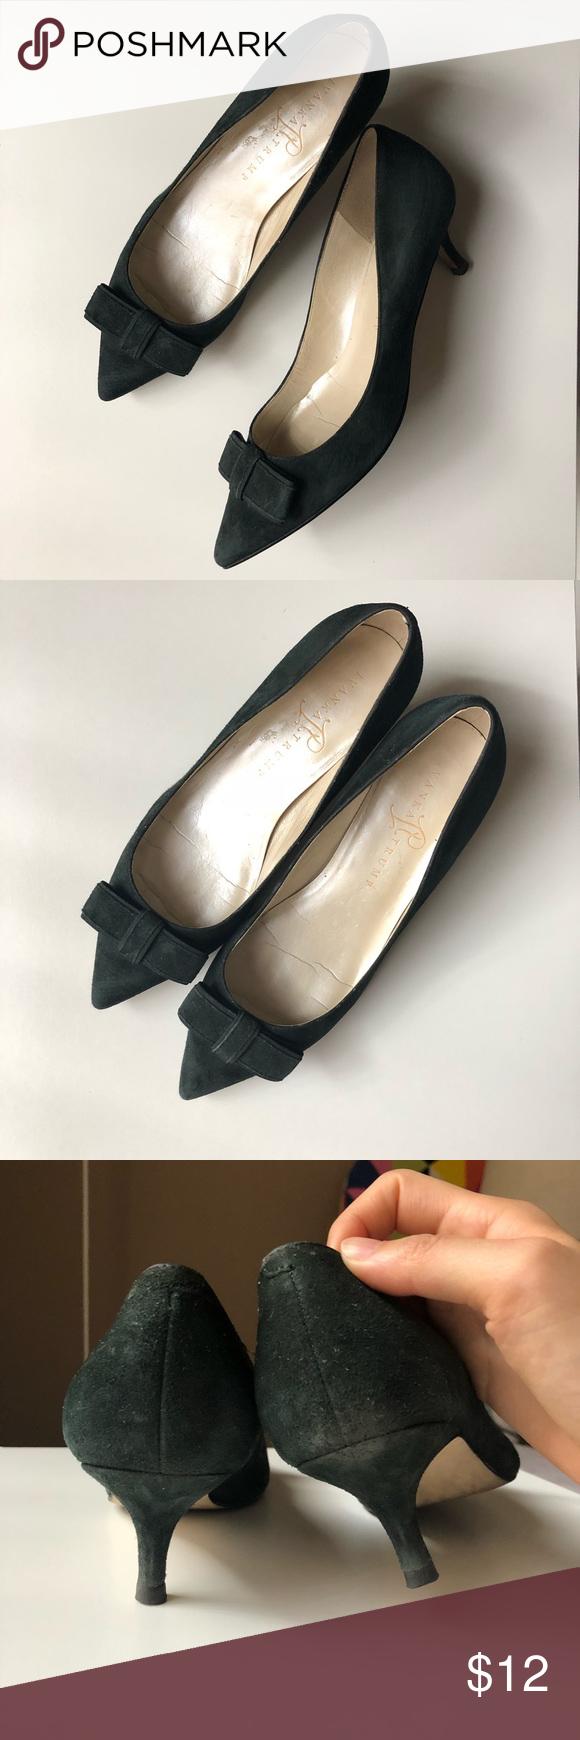 85626512080 Ivanka Trump kitten heels green suede bows size 8 Ivanka Trump kitten heels  green suede